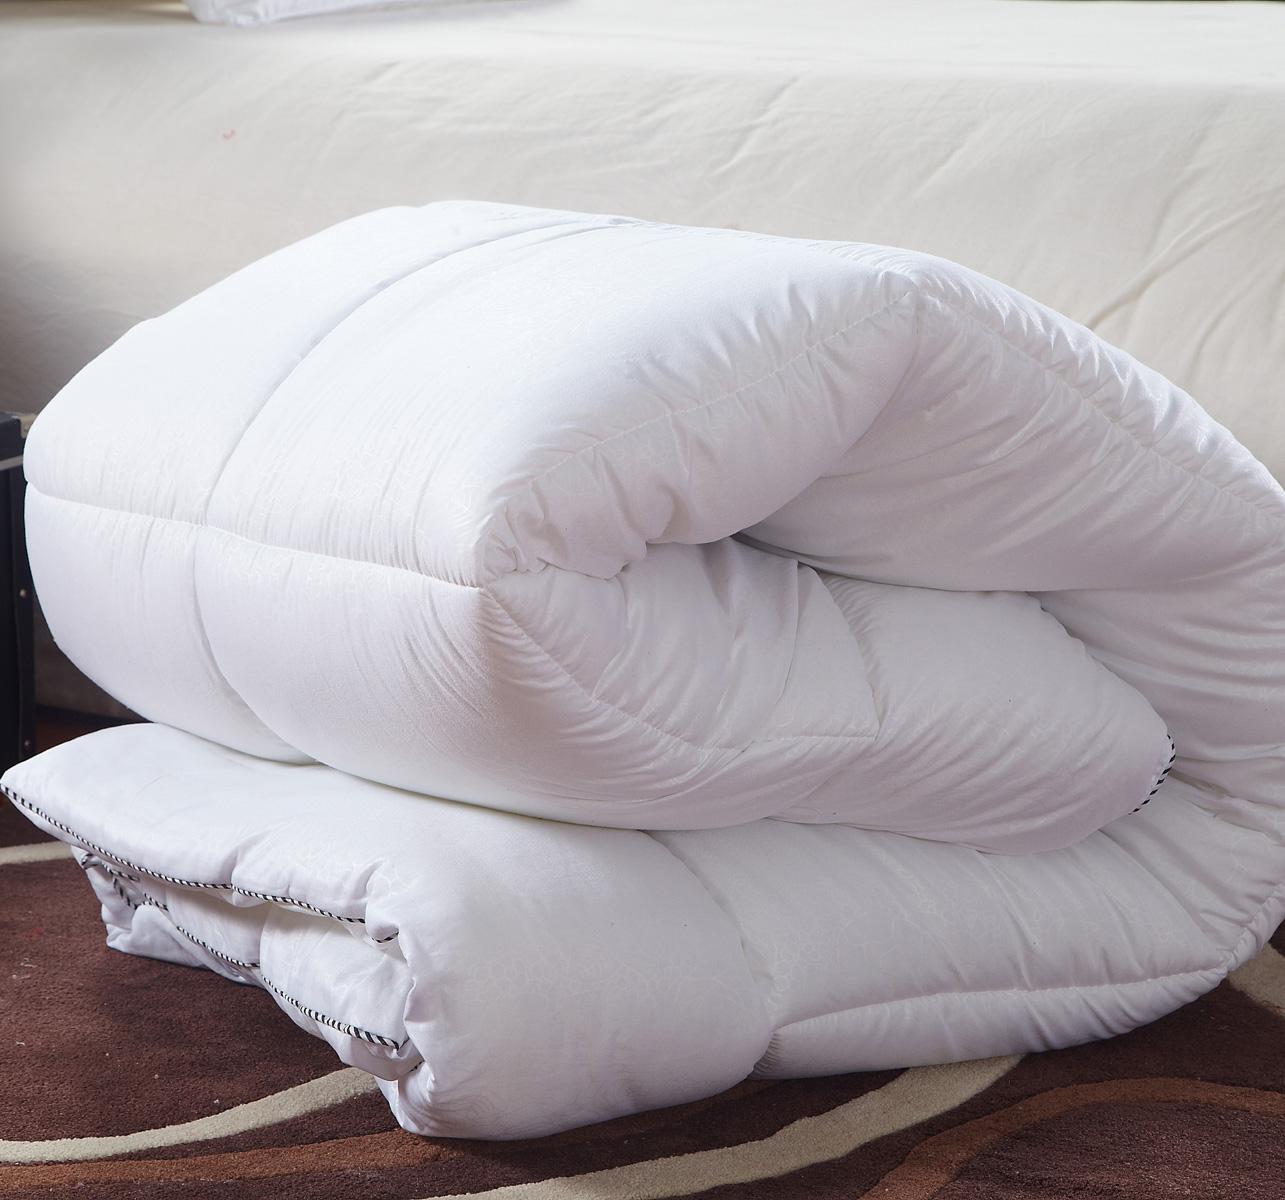 艾爱家纺 被子冬被 冬天保暖单双人加厚棉被被芯学生春秋被子特价